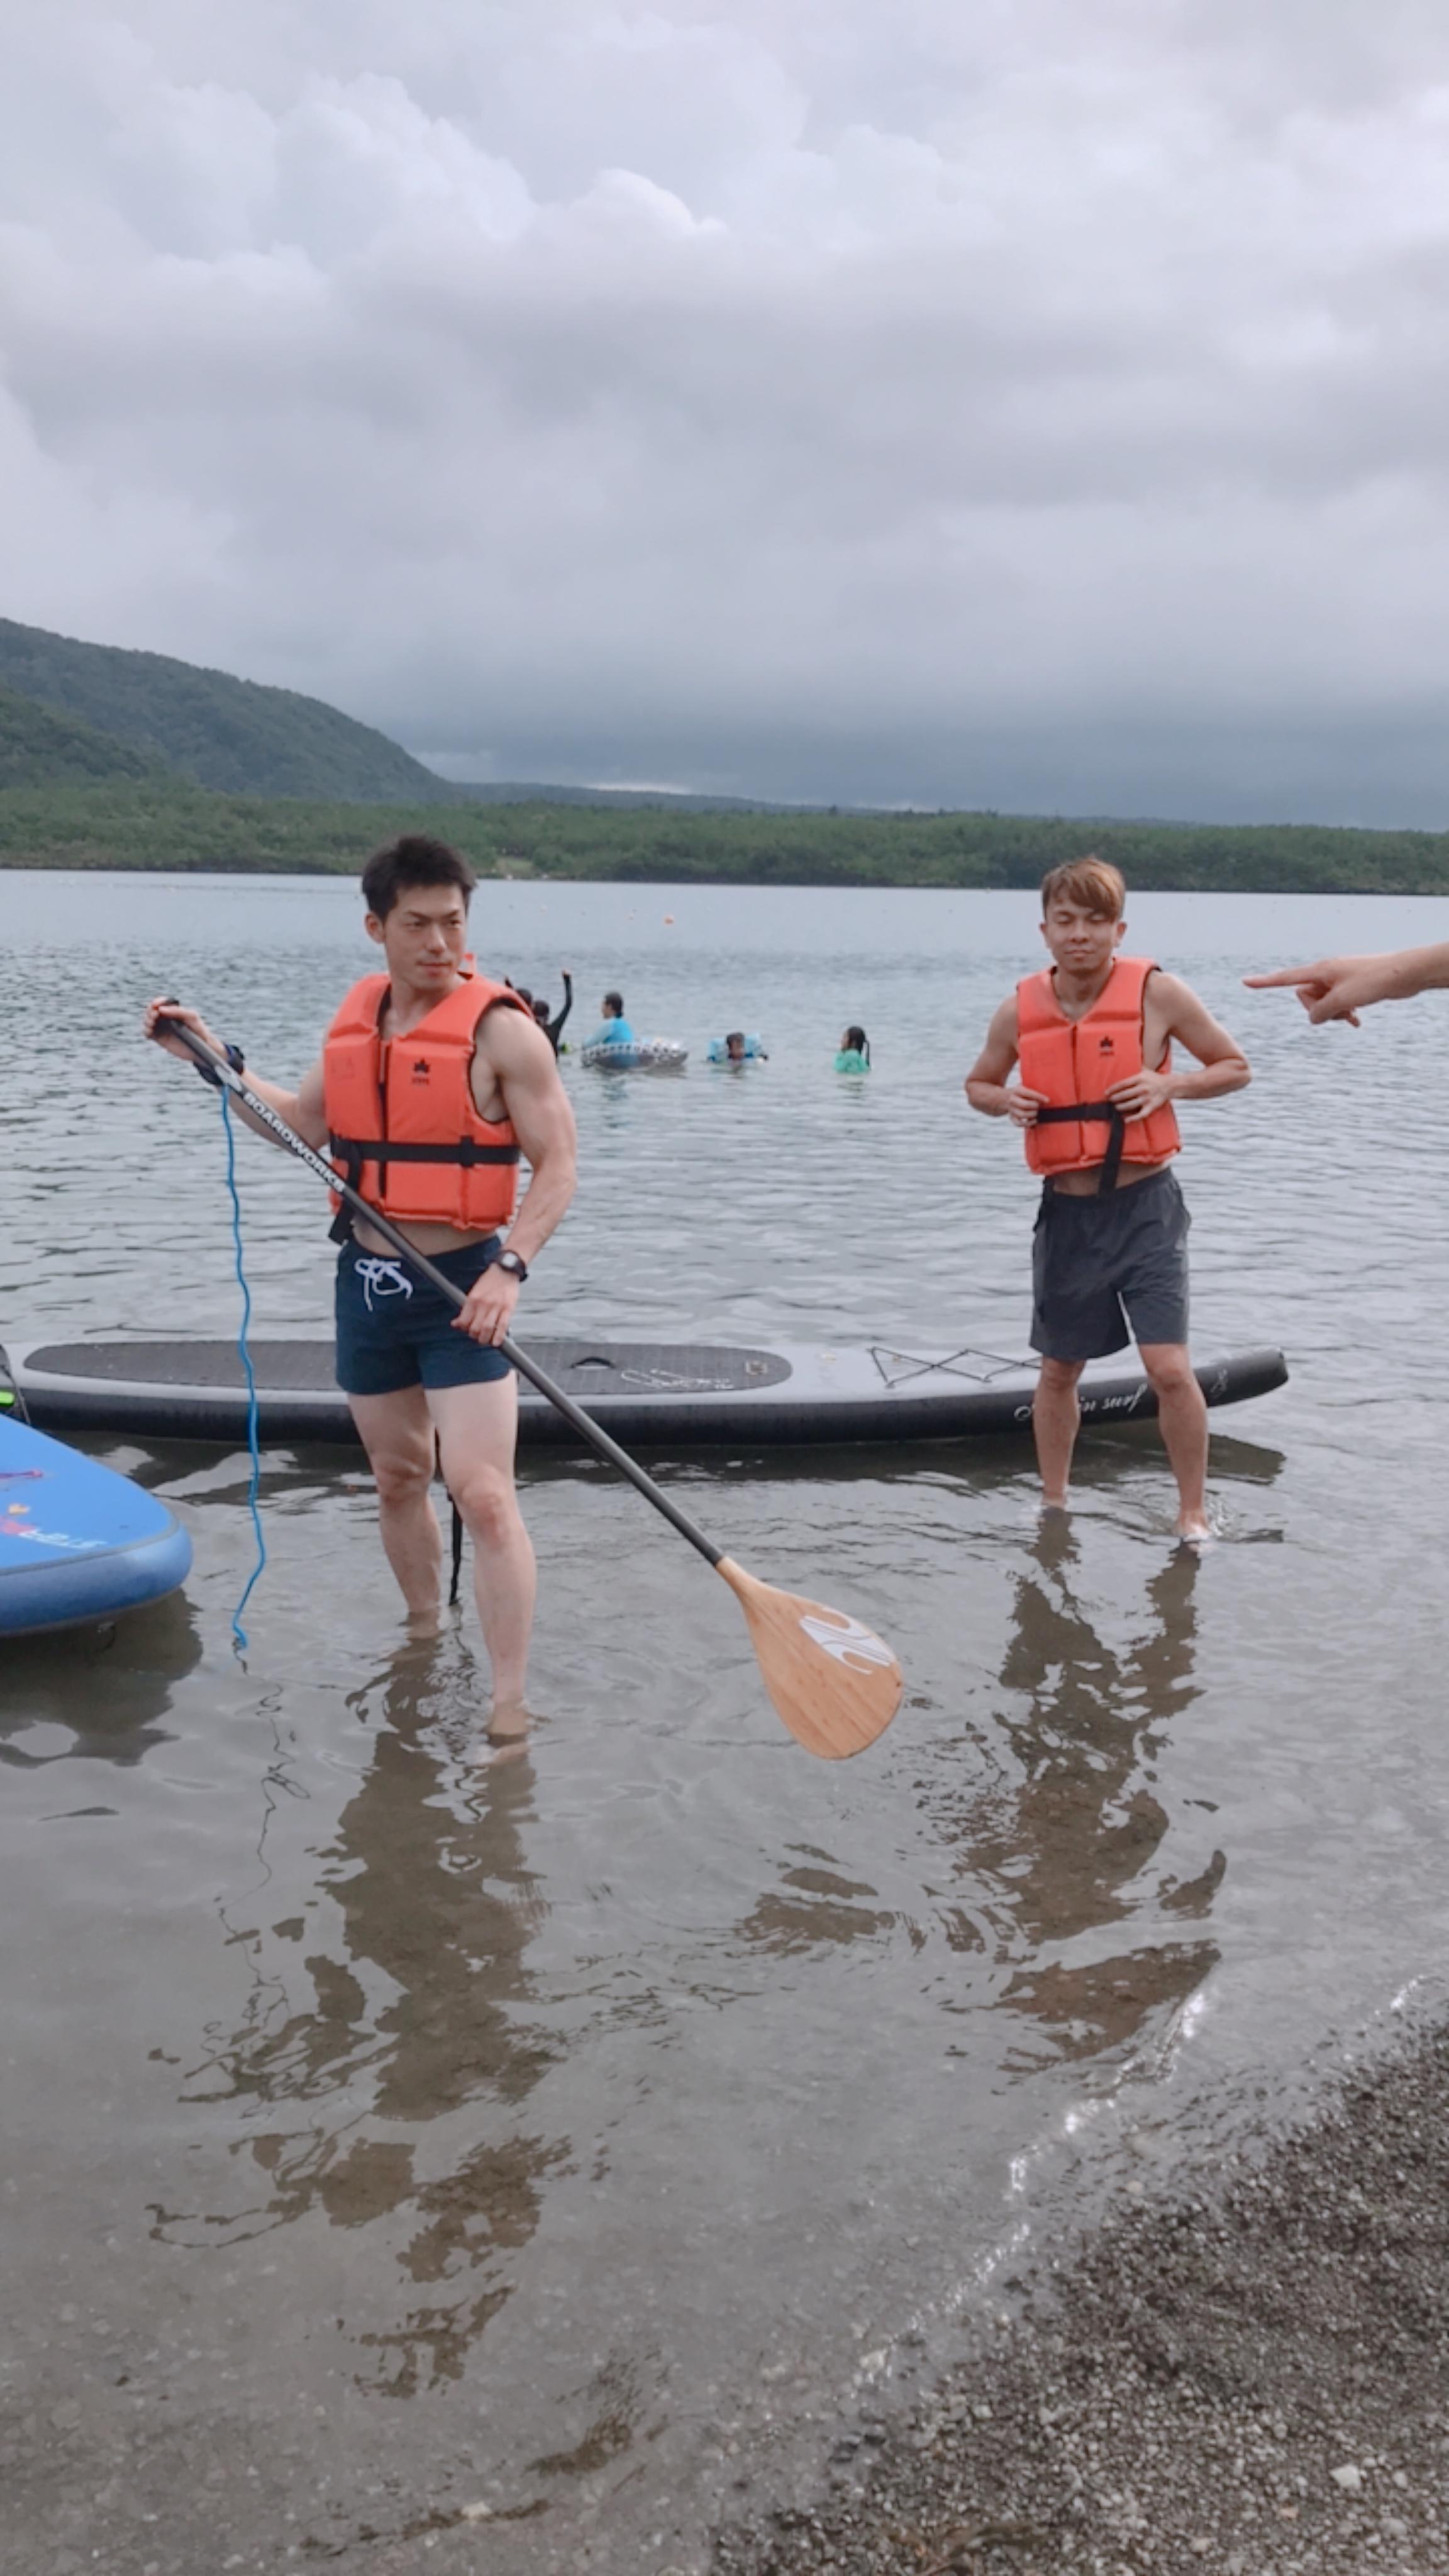 西湖にあるキャンプヴィレッジ ノームでサップ。ゆる〜く、スローな時間を過ごすにはもってこいの場所。